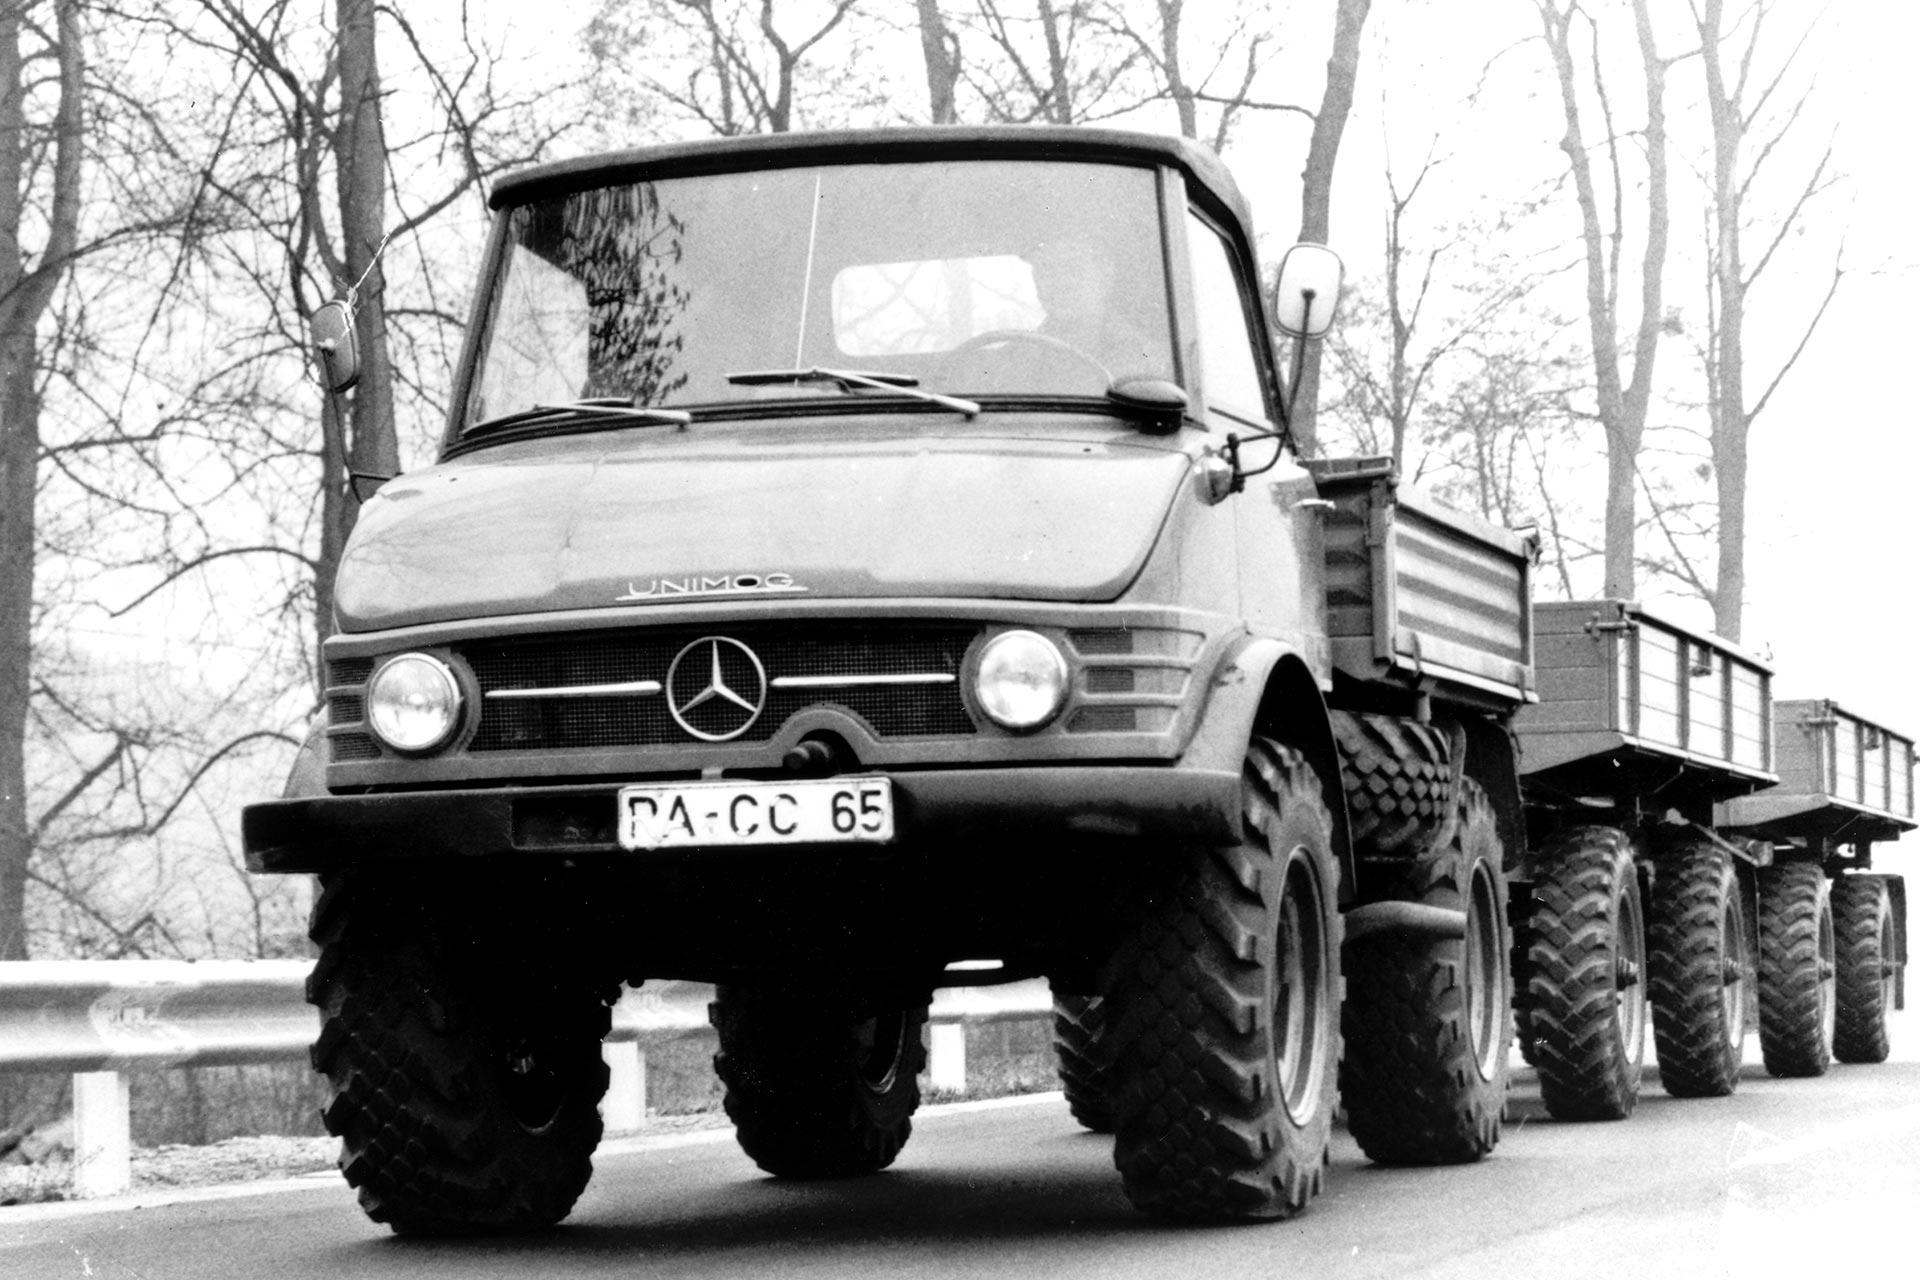 Unimog 65 PS (Baureihe 406, 1963-1966) - der größere Bruder des Unimog 32 PS